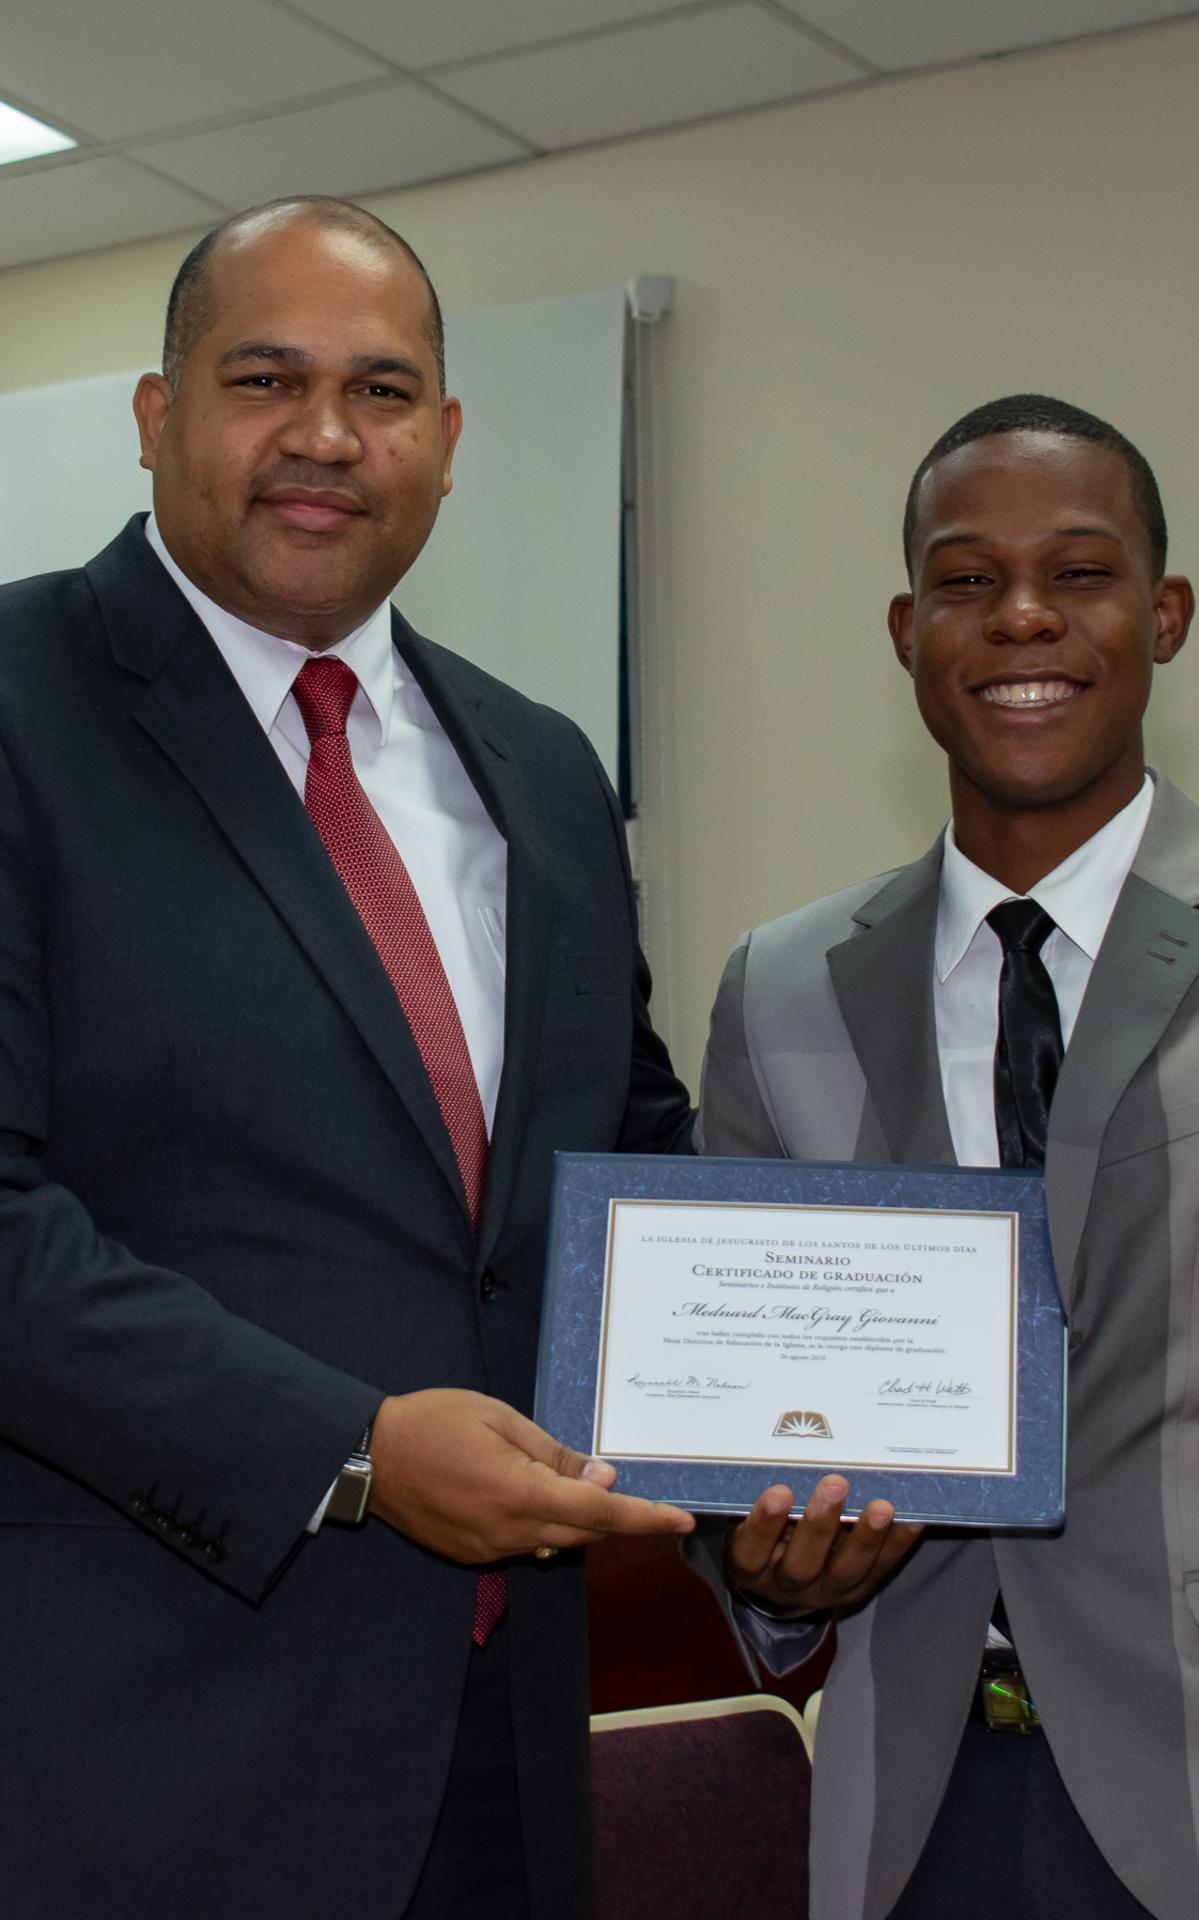 /acp/bc/Caribe Area/Caribe Area/Jovenes/Graduación Estaca Oriental/LYR_1079.jpg